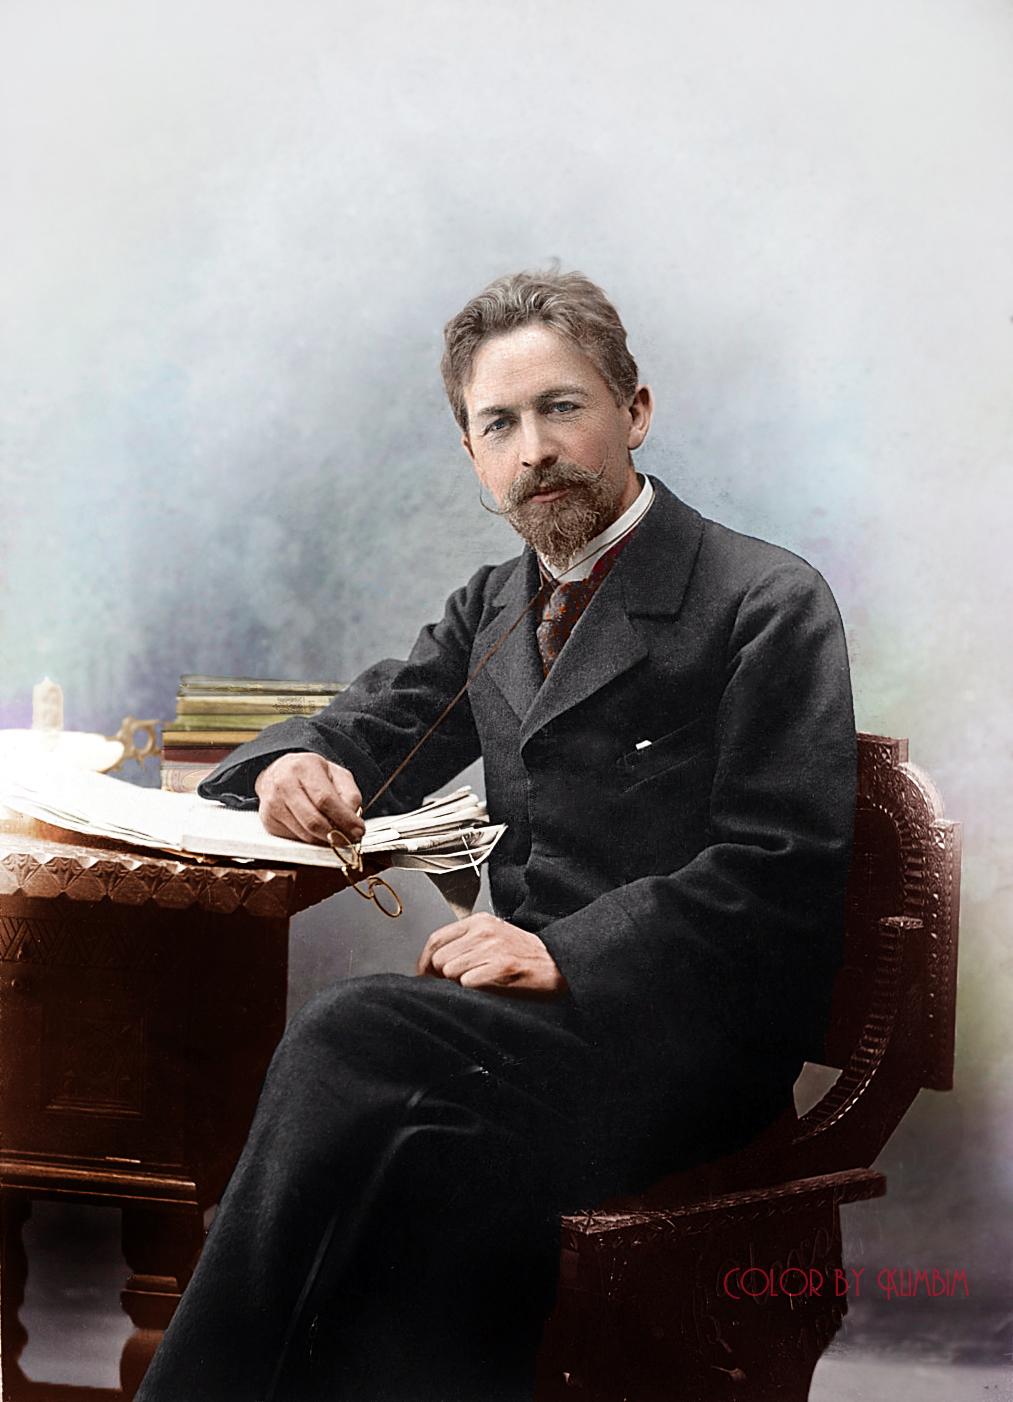 anton-chekhov-1889-anton-pavlovich-chekhov